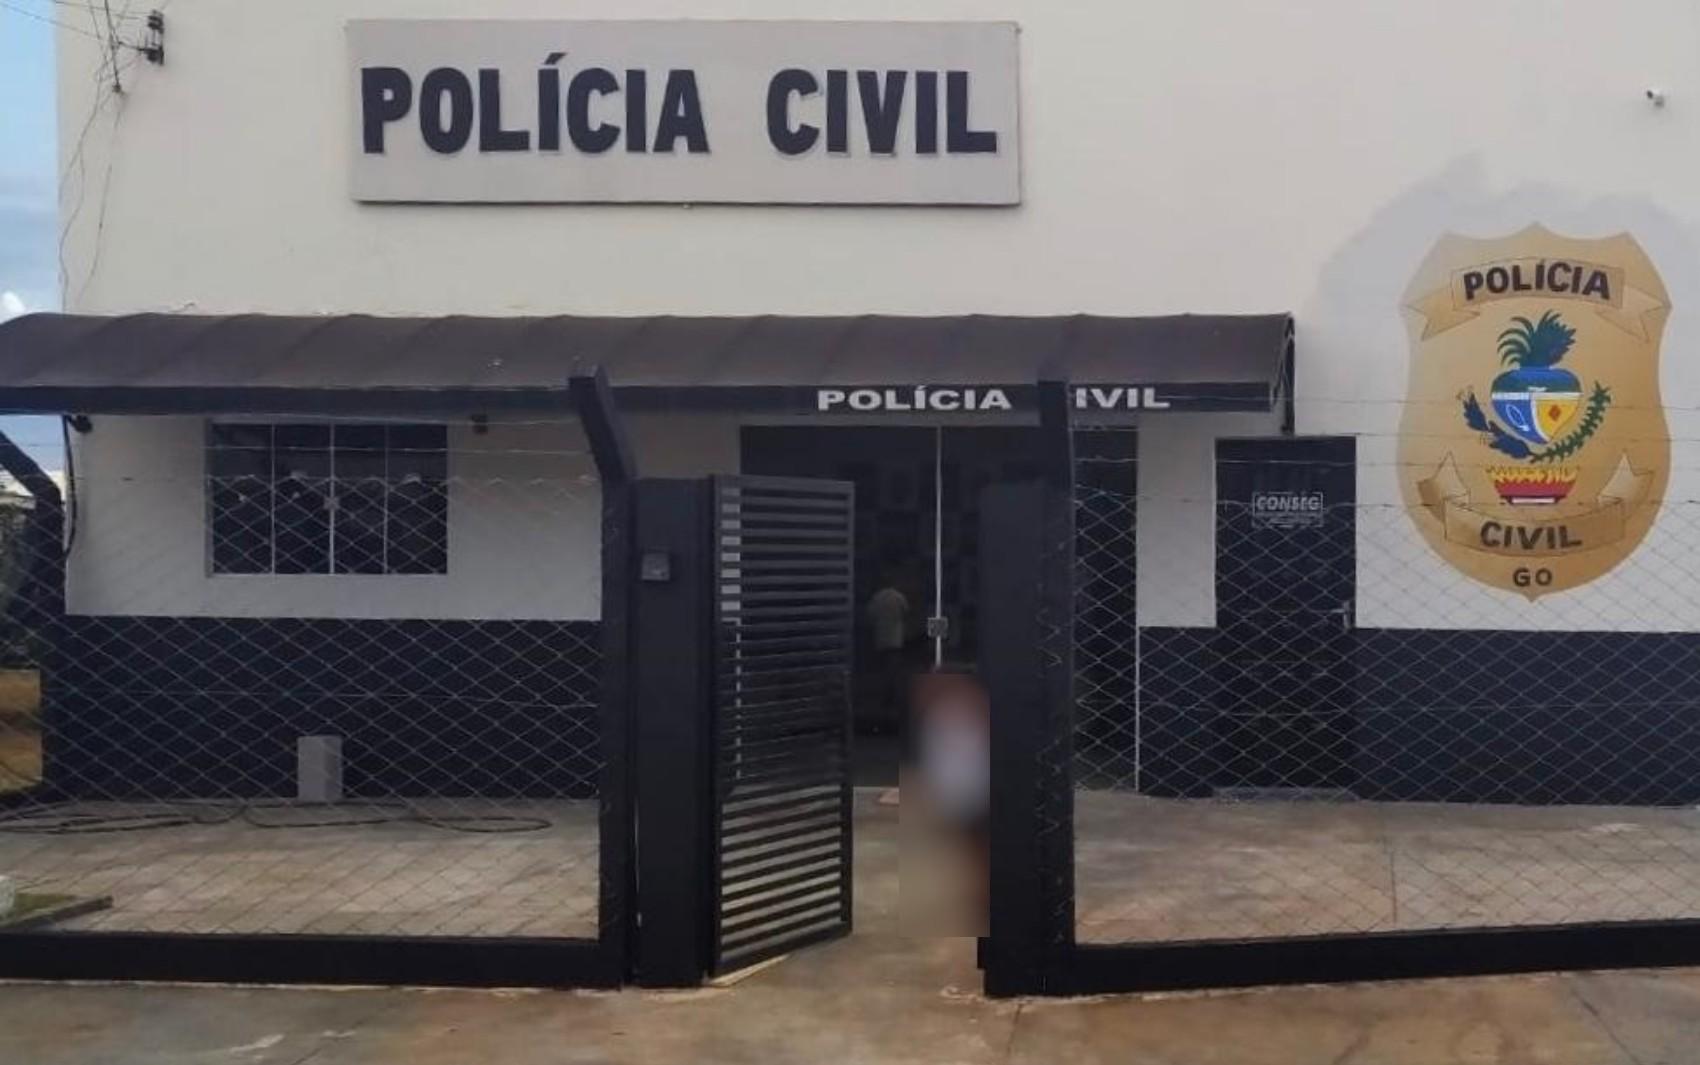 Suspeito de roubo é preso após pedir ficha de antecedentes criminais em delegacia de Chapadão do Céu